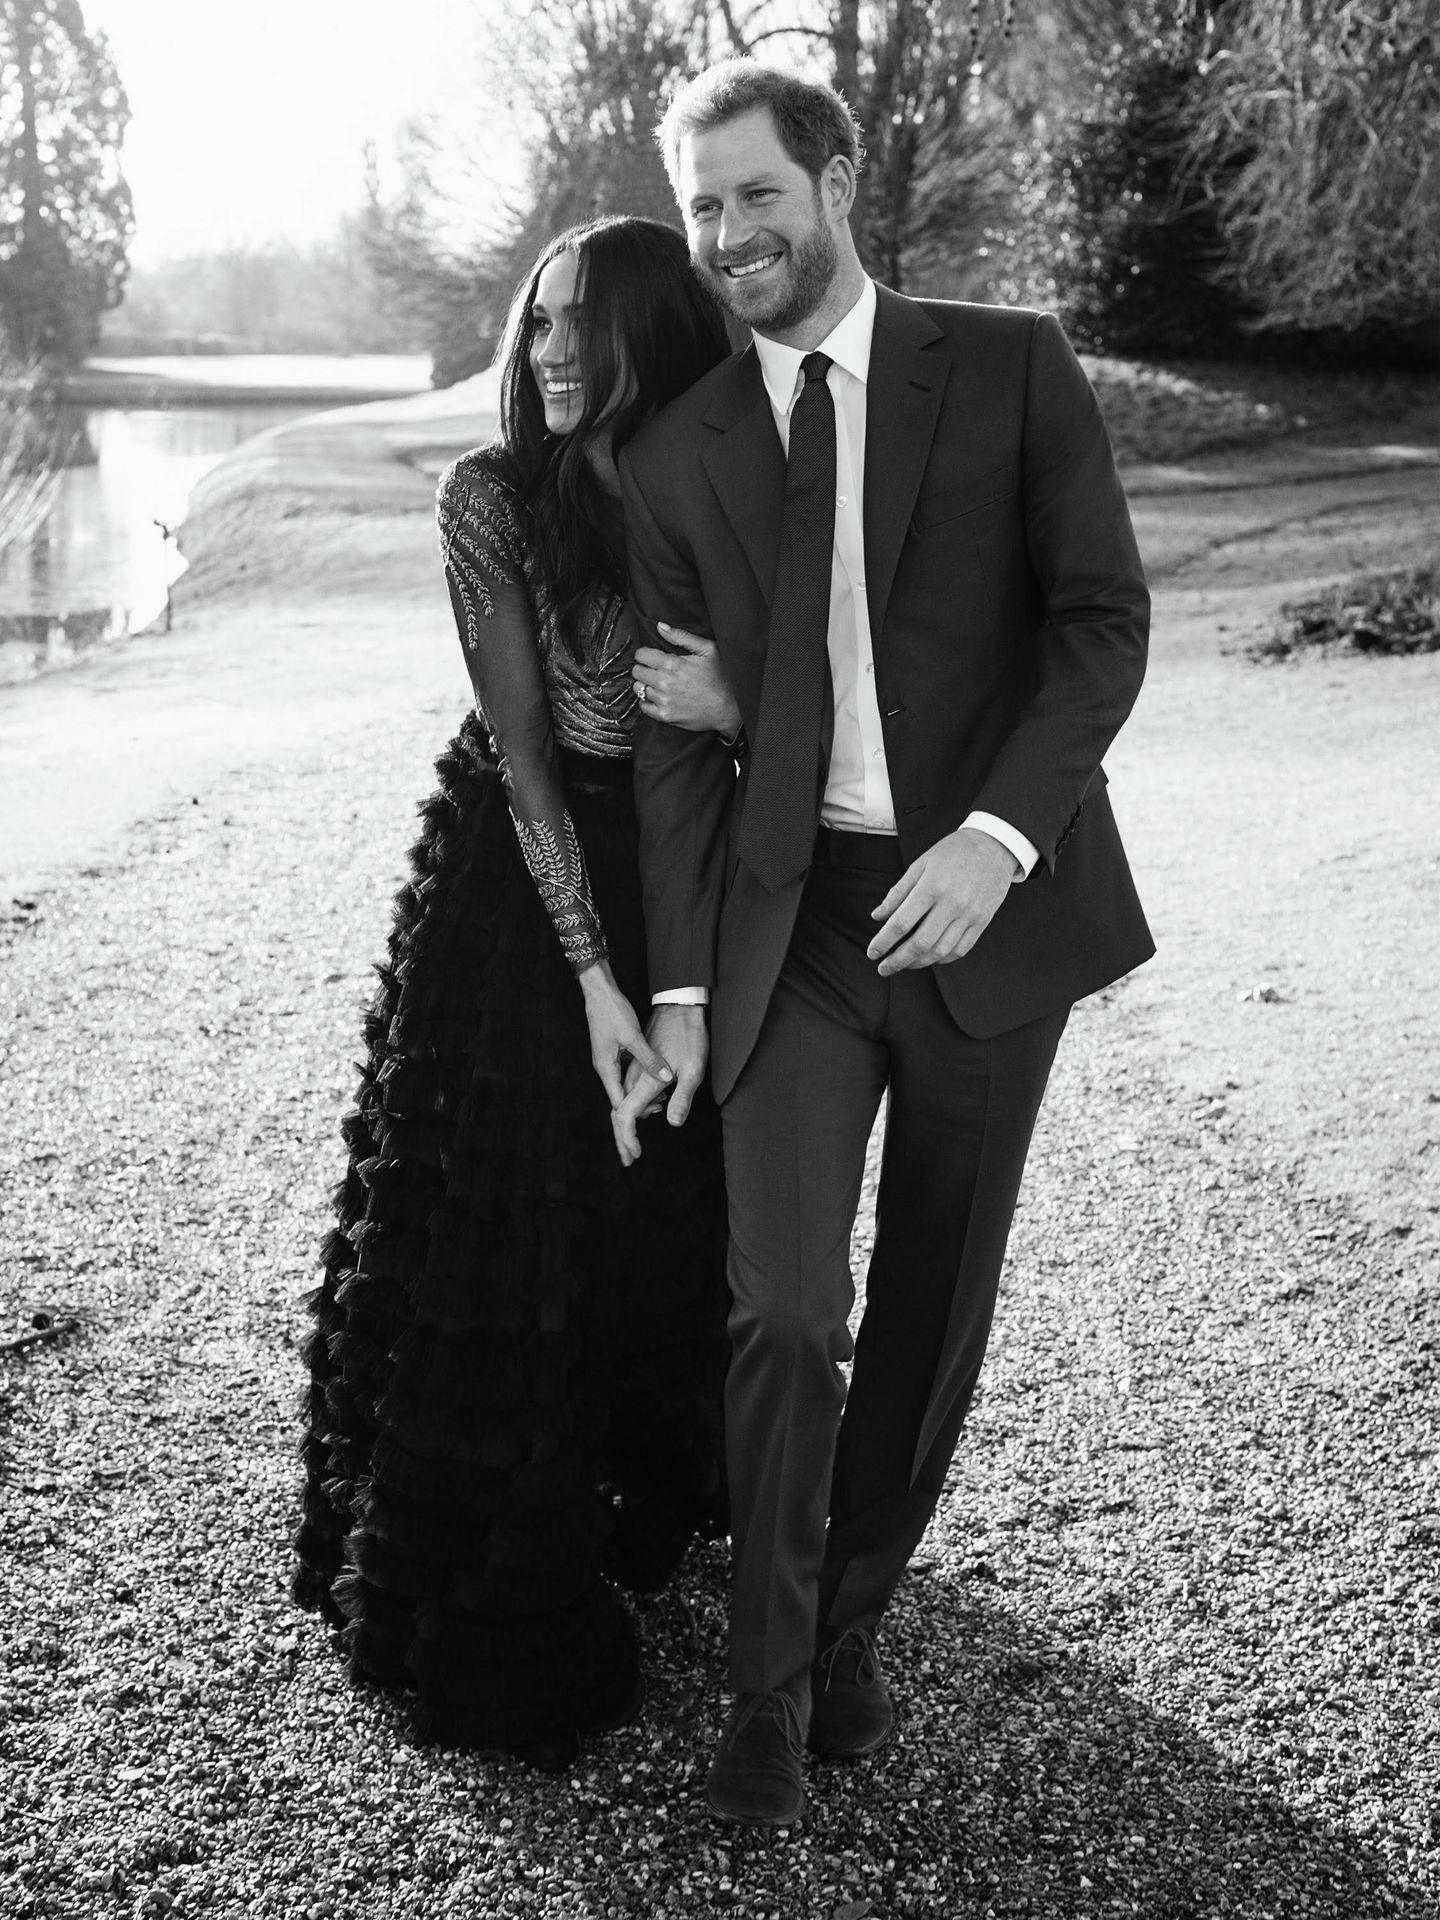 Imagen del compromiso del príncipe Harry y Meghan Markle. (Gtresonline)